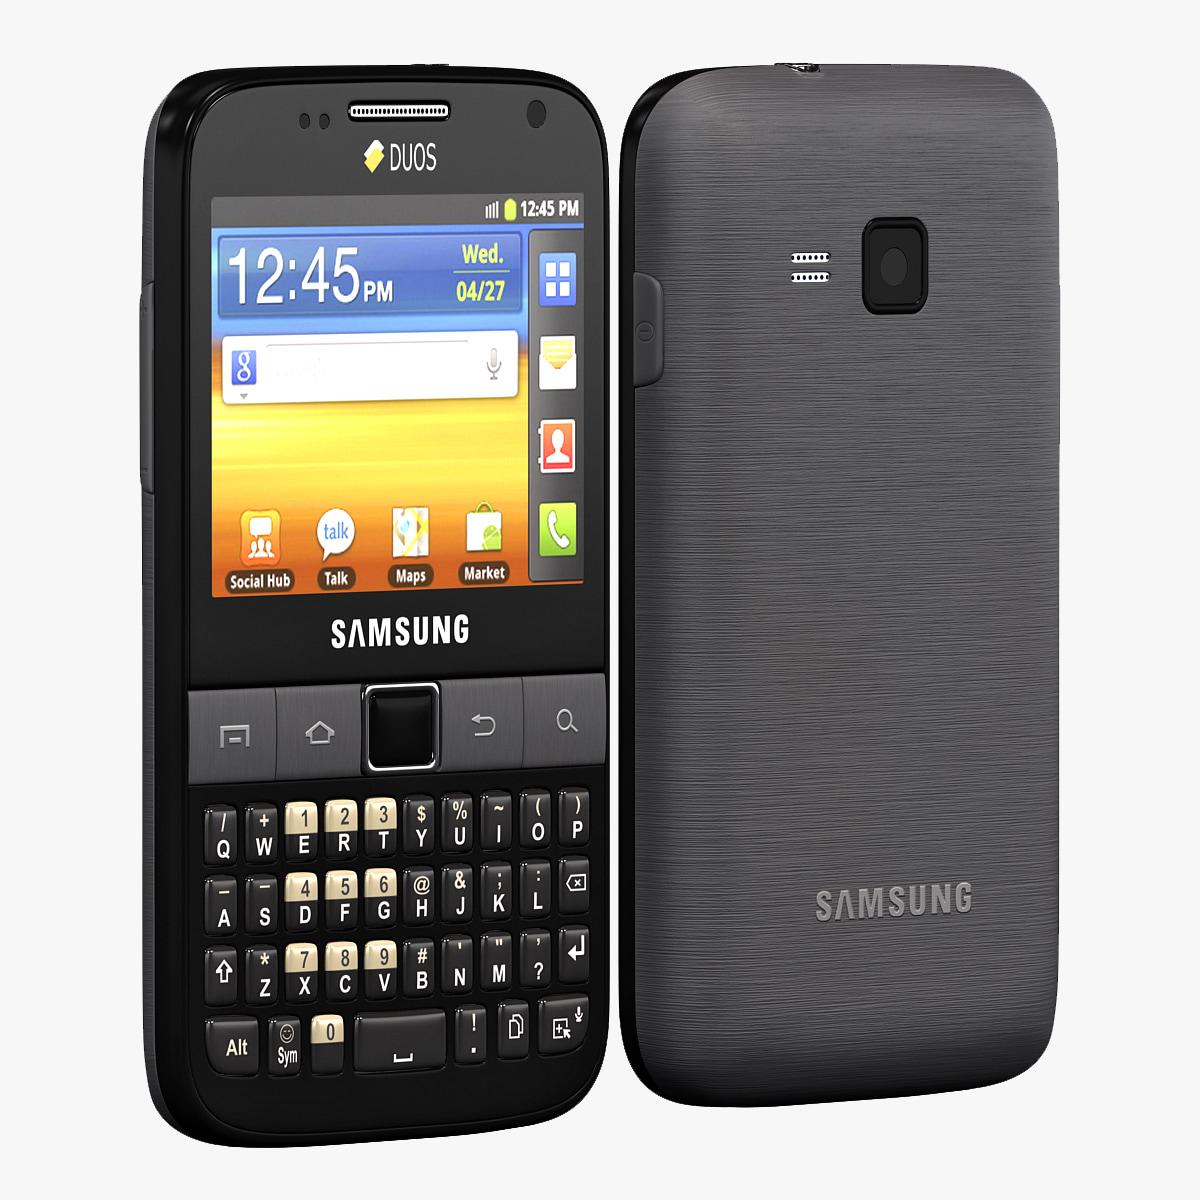 Samsung_Galaxy_Y_Pro_Duos_000.jpg